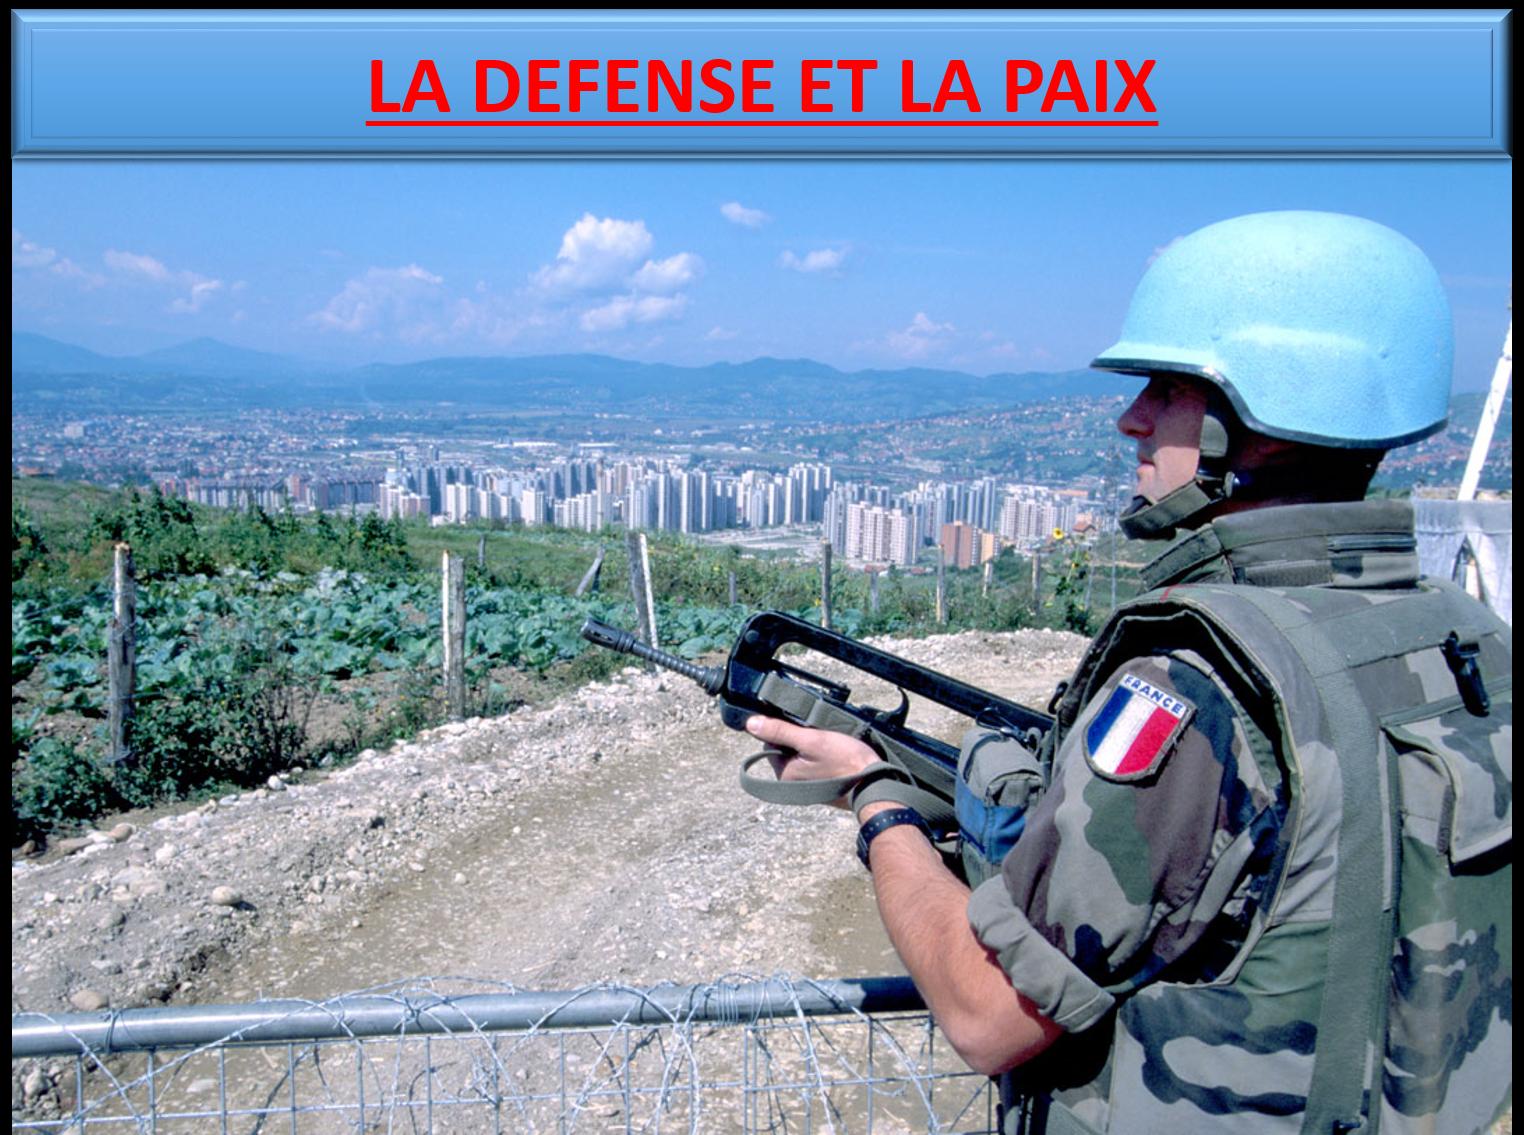 Titre la defense et la paix